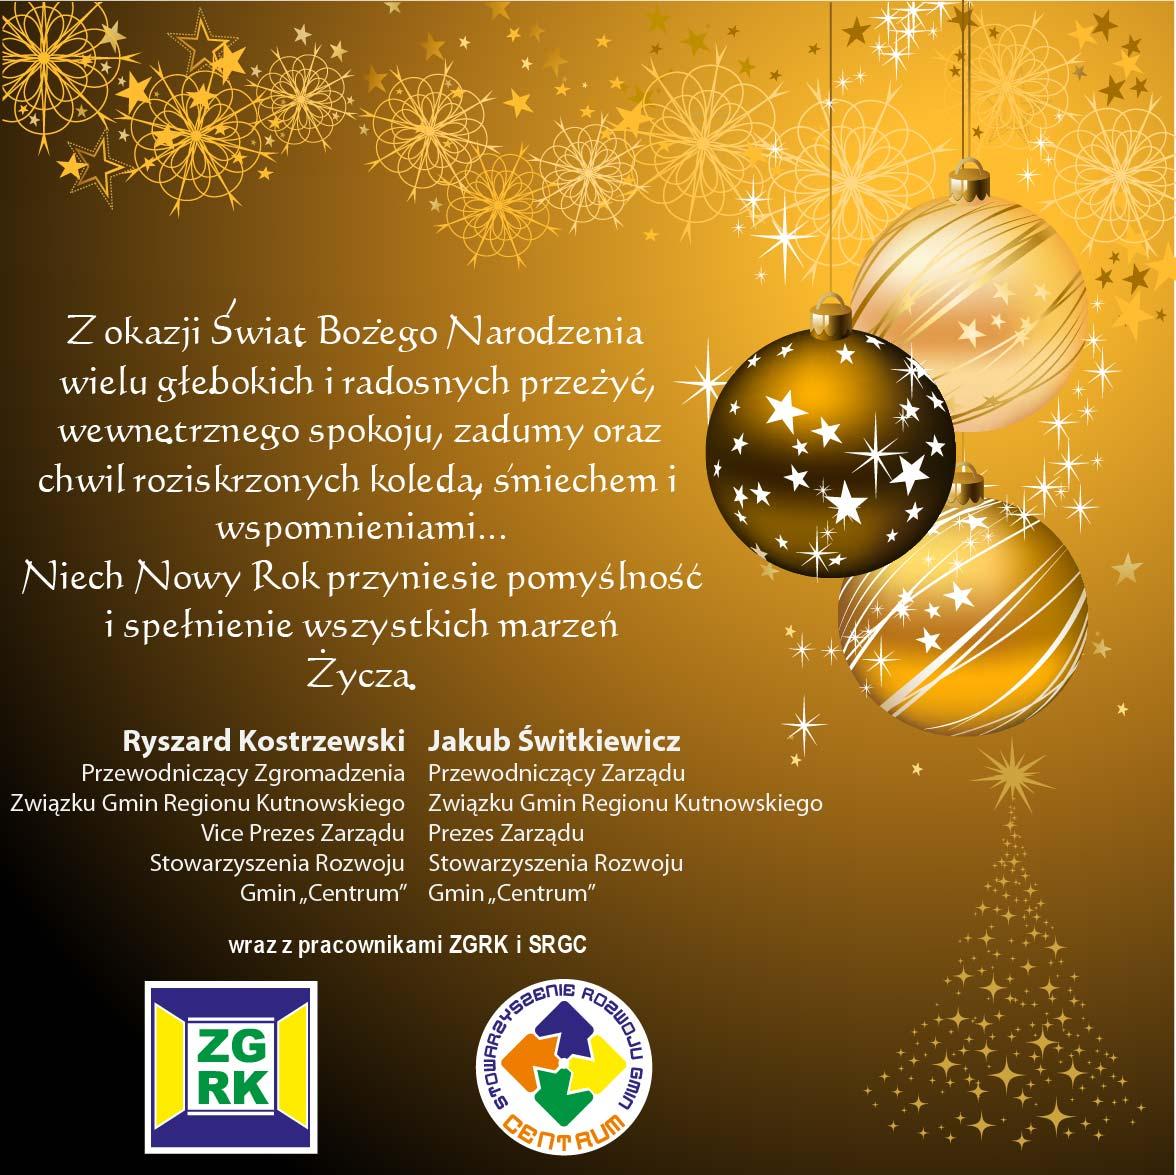 Życzenia świąteczne 2010/2011